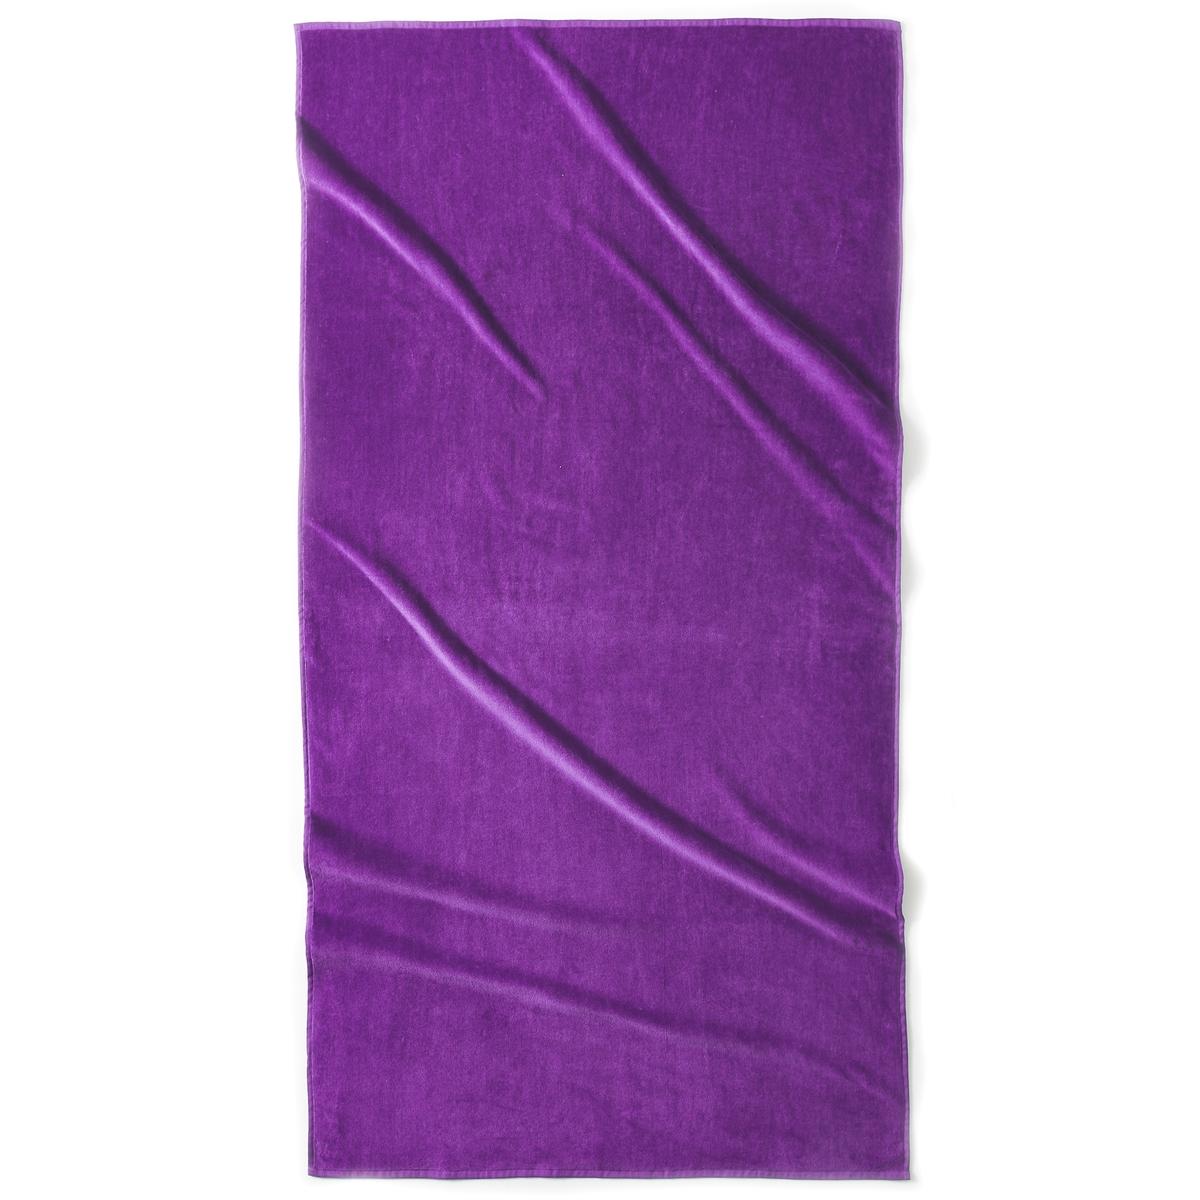 Полотенце пляжное ESTORILПляжное полотенце из 100% хлопка, 420 г/м?. 1 сторона из велюра, 1 сторона из махровой ткани. Размер полотенца: 90 x 175 см. Стирка при 40°.<br><br>Цвет: фиолетовый